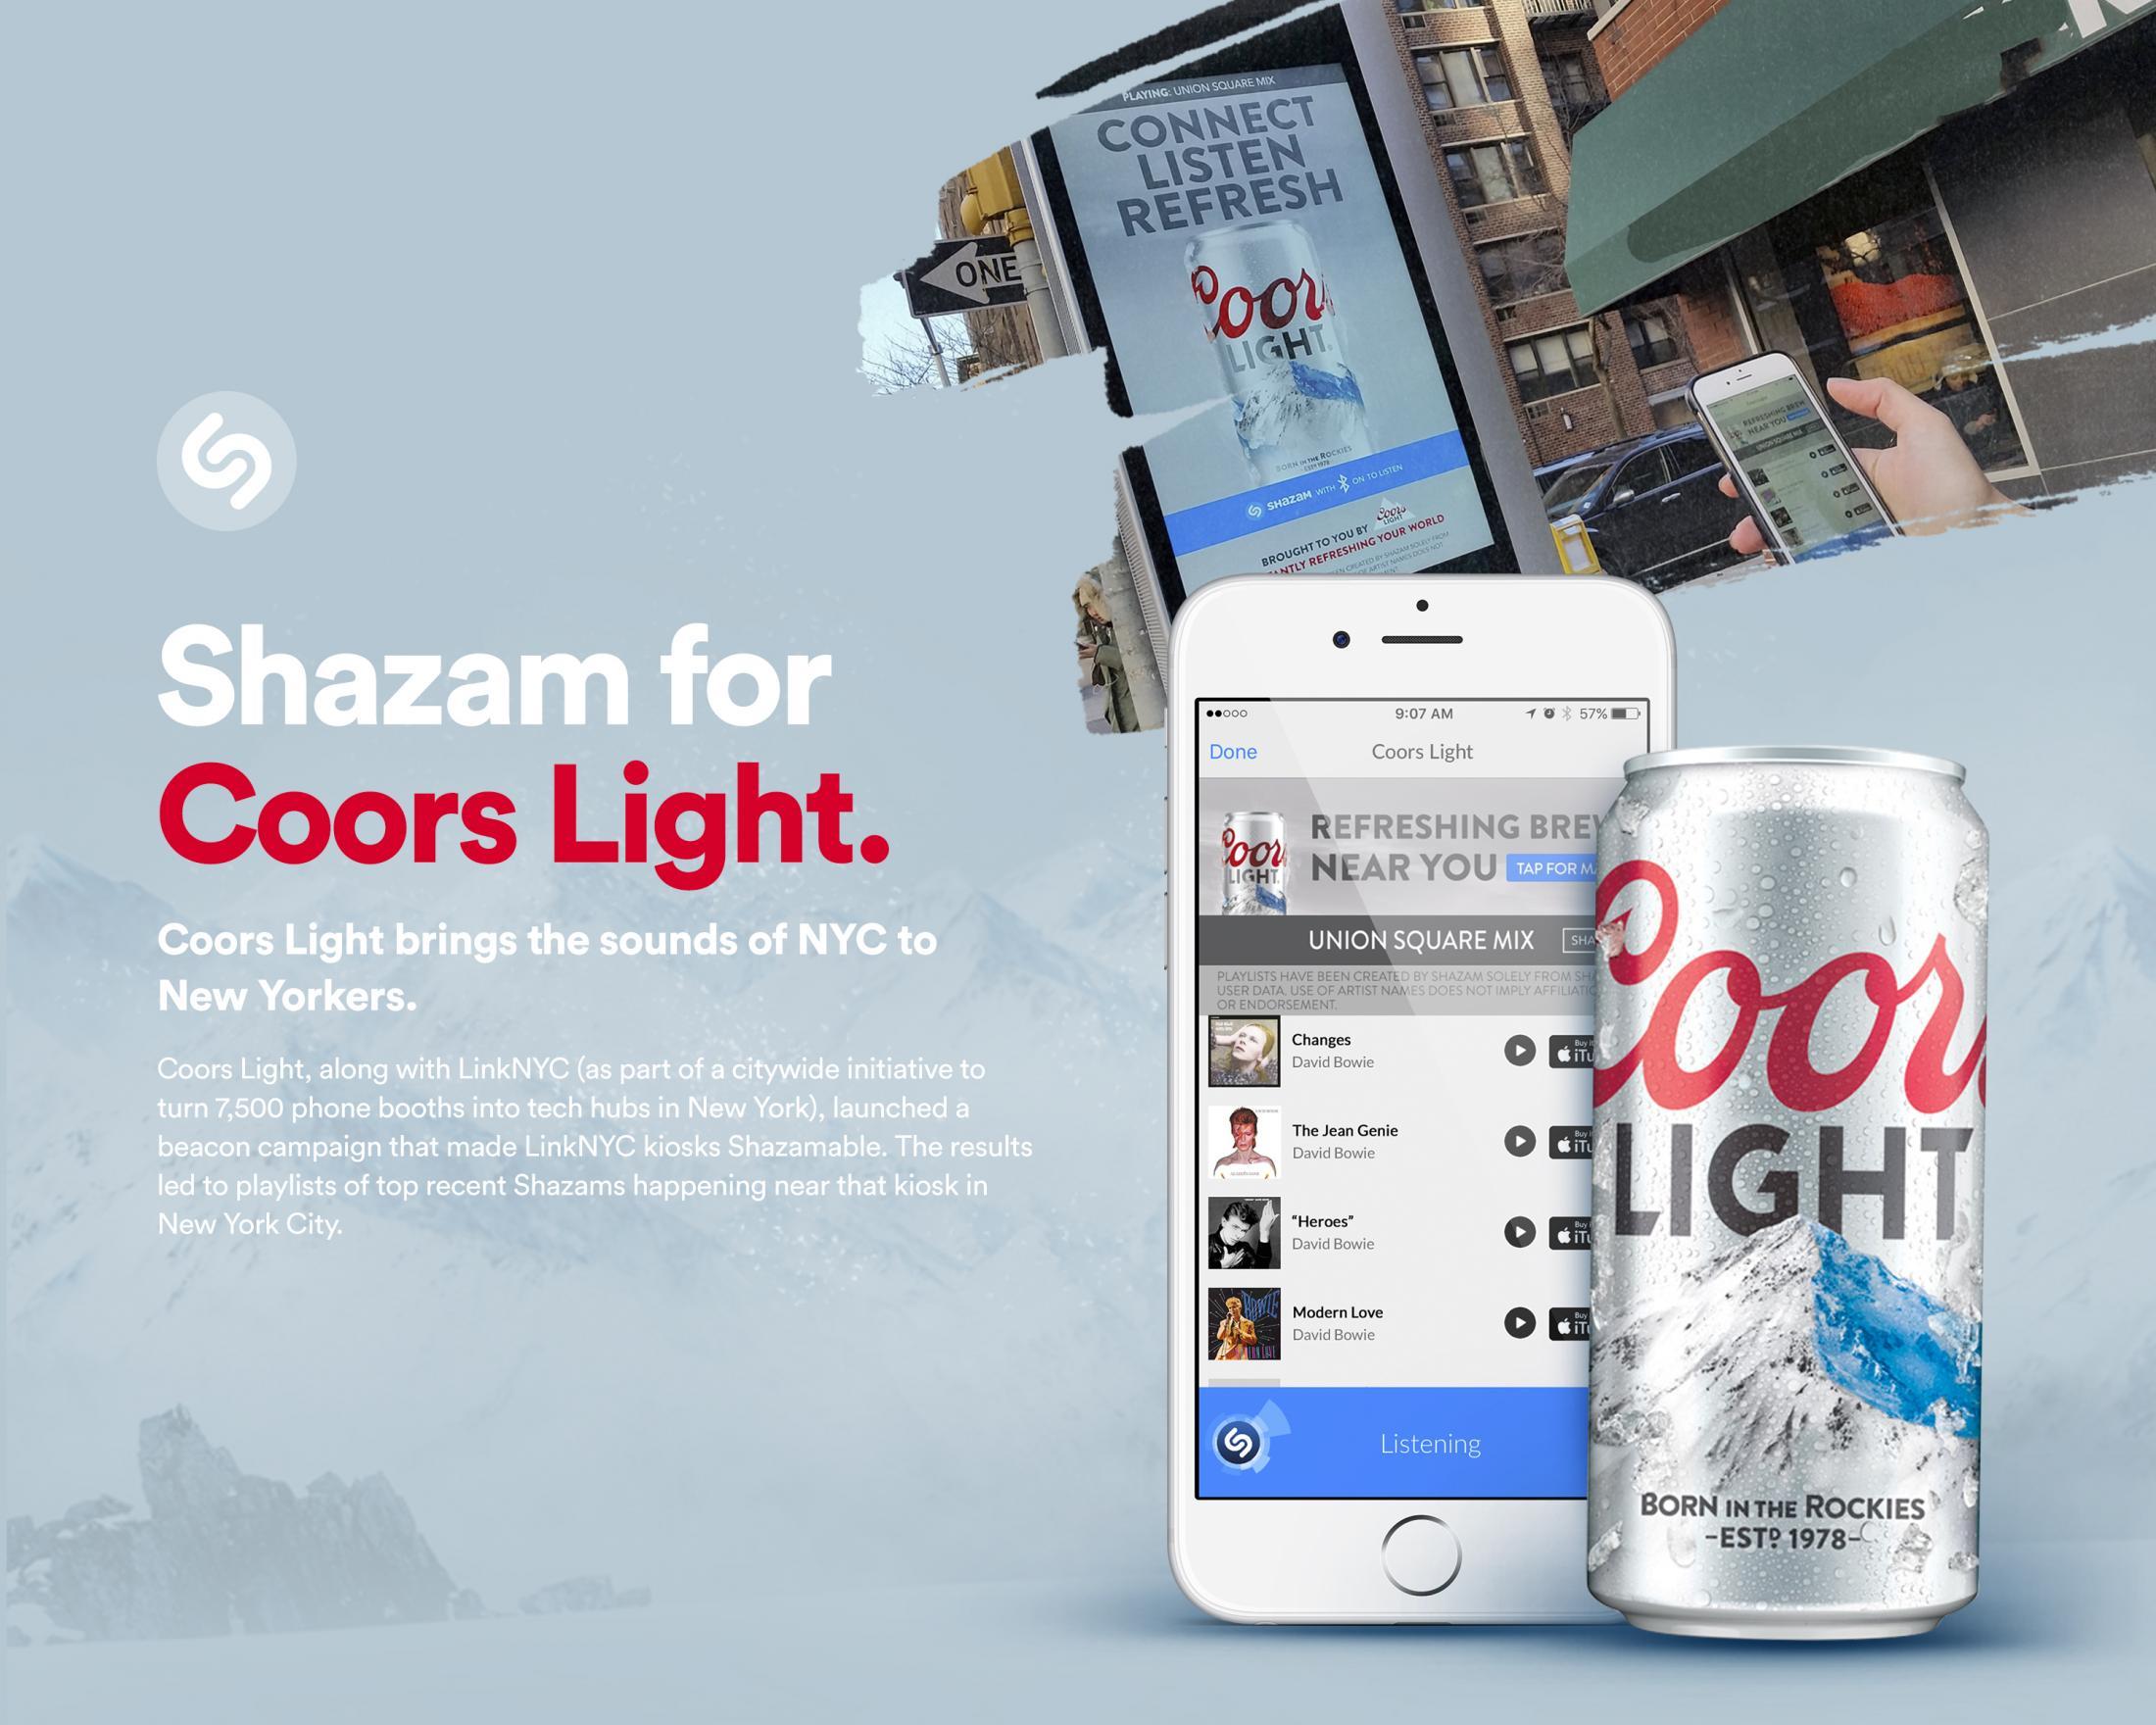 Shazam for Coors Light.jpg